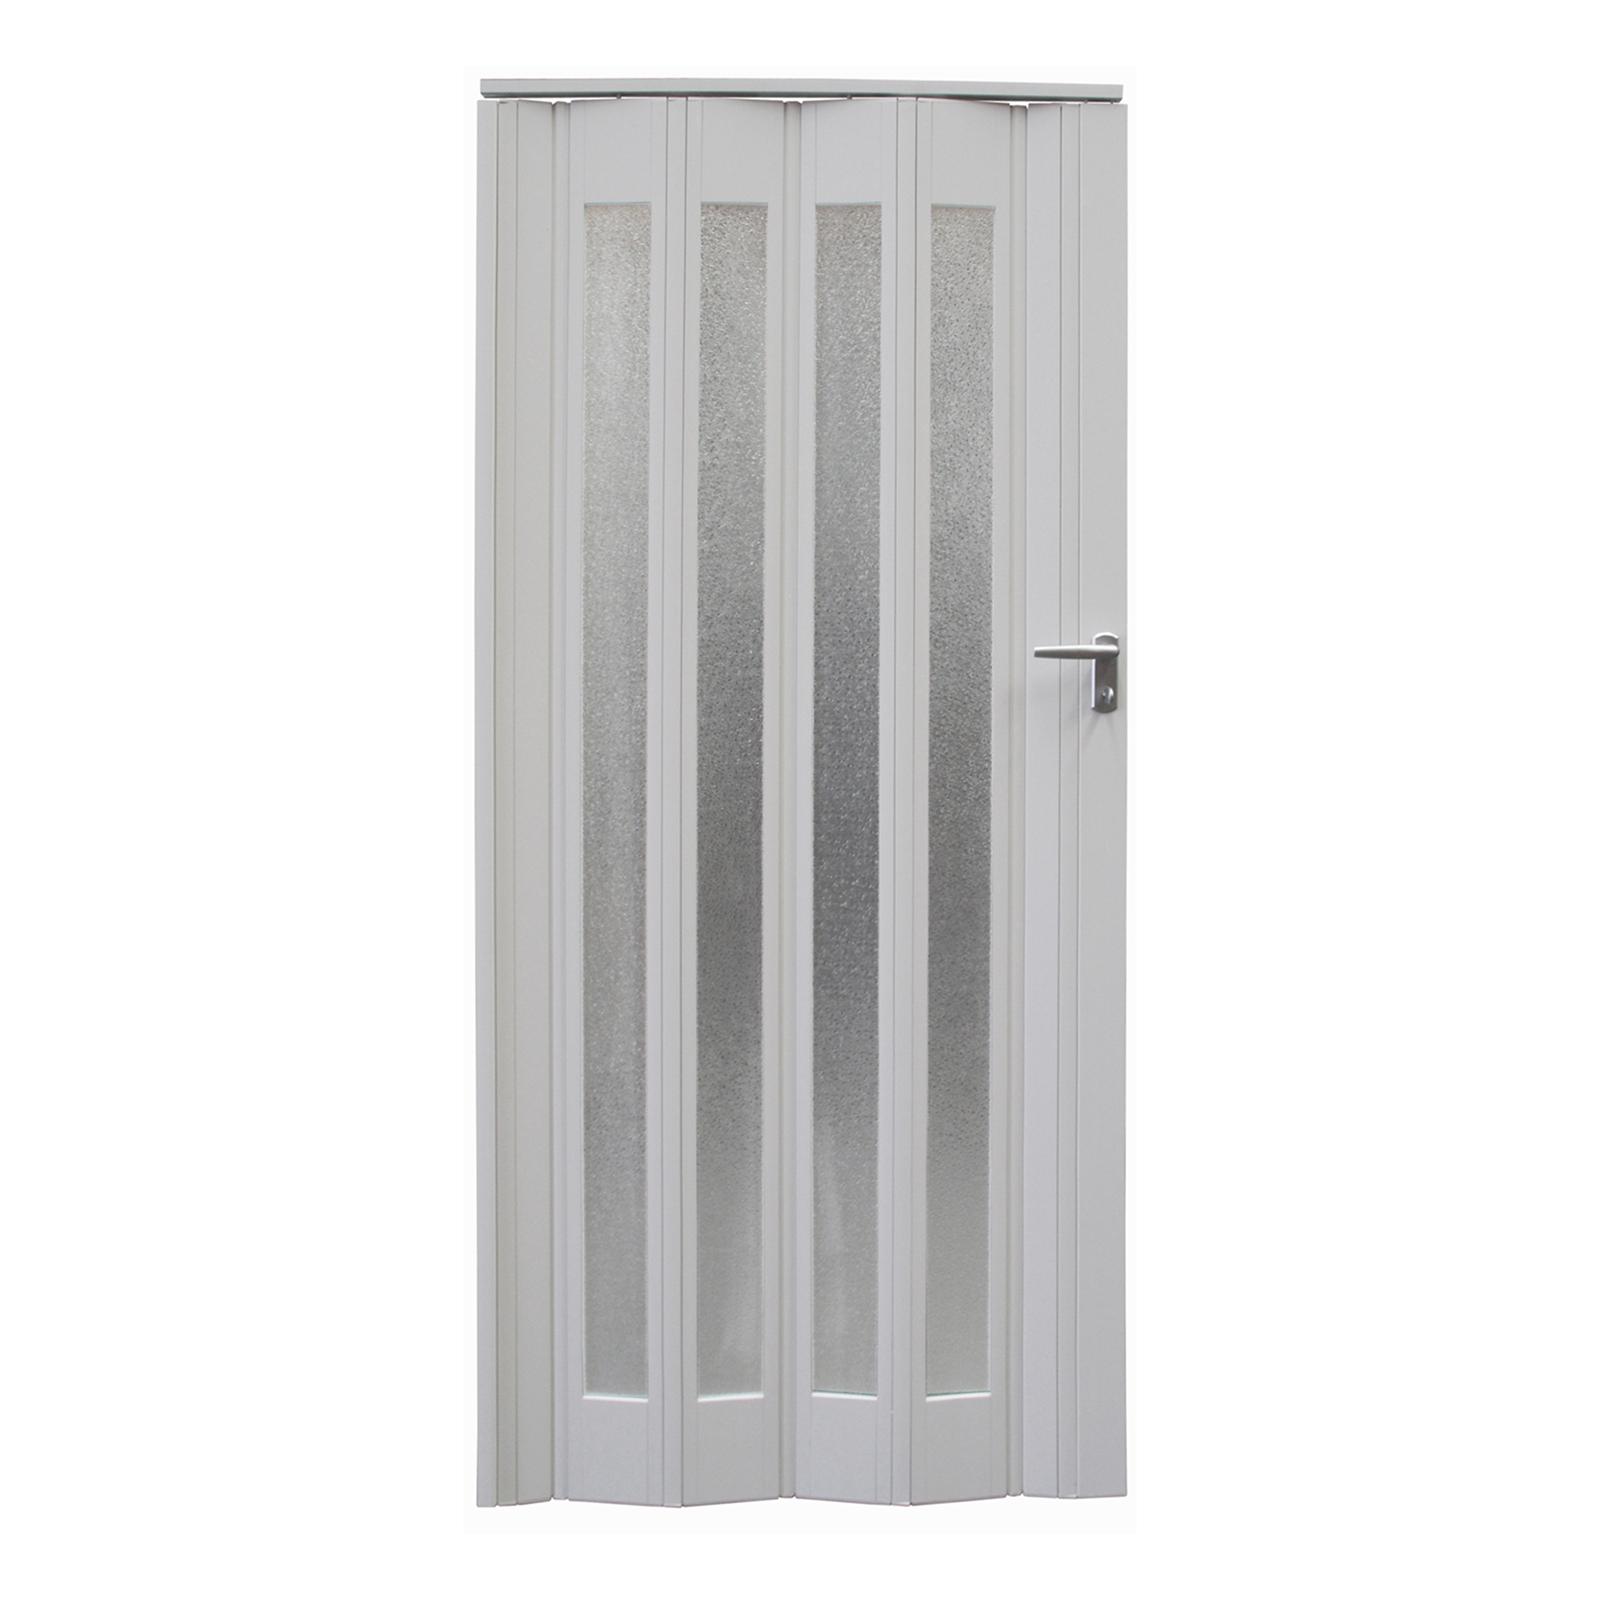 Pillar Products 85 x 203cm White Platinum PVC Concertina Door